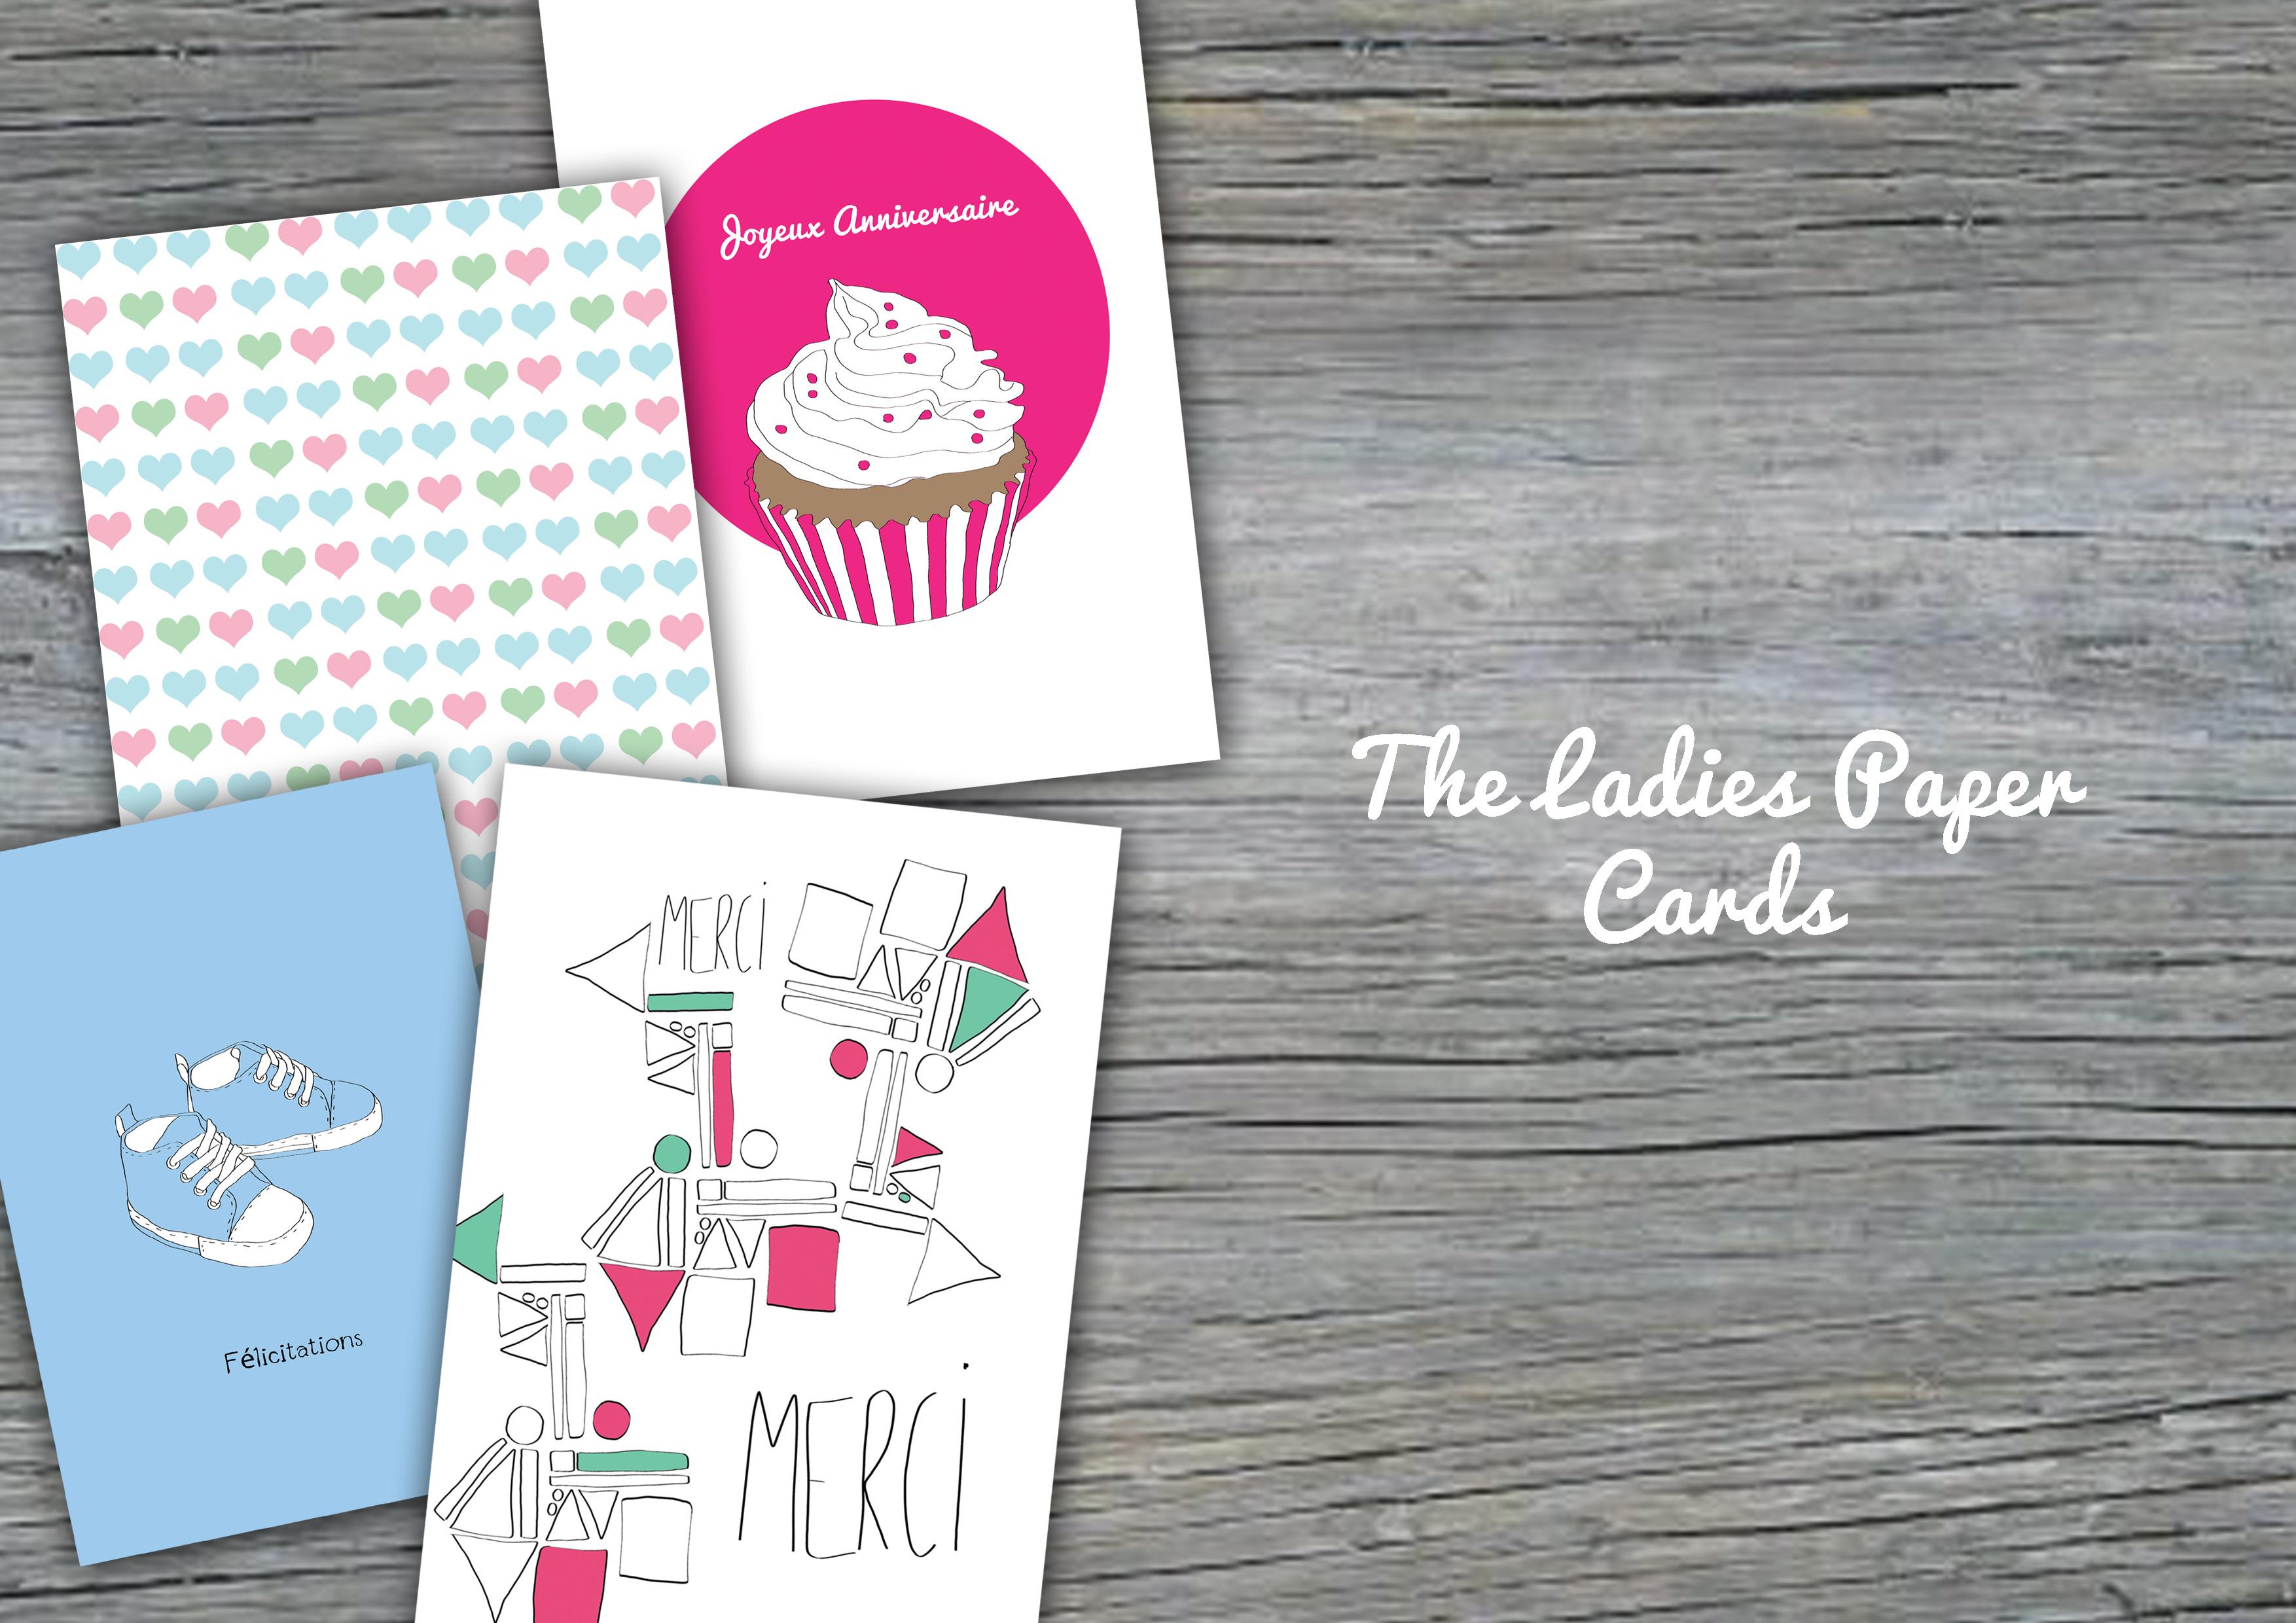 Cartes A Imprimer Gratuitement The Ladies Paper